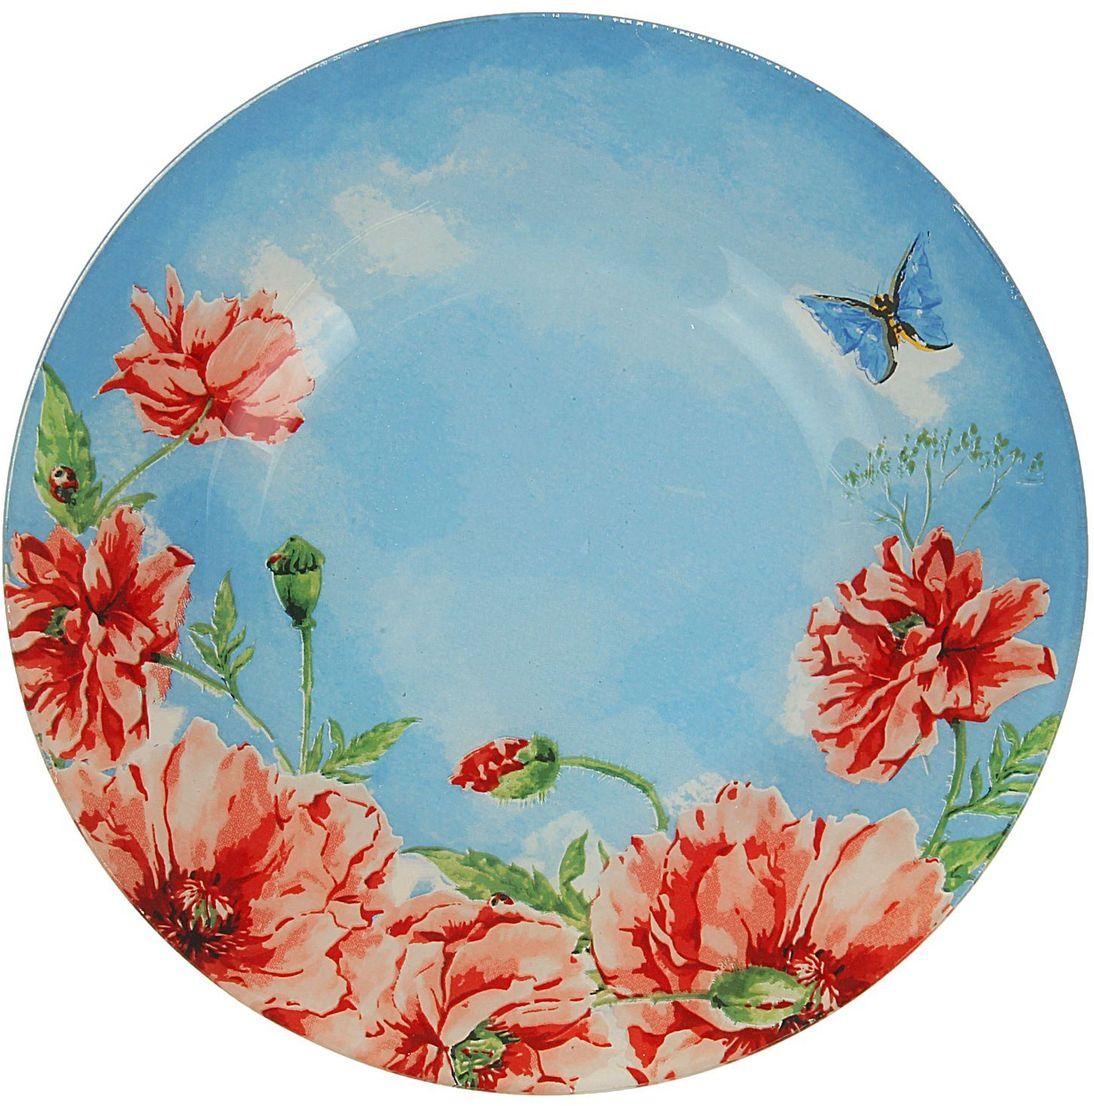 Тарелка десертная Доляна Акварель, диаметр 20 см1571466Столовая посуда с природными мотивами в оформлении разнообразит интерьер кухни и сделает застолье самобытным и запоминающимся. Достоинства: качественное стекло не впитывает запахов; гладкая поверхность обеспечивает лёгкость мытья; яркий дизайн порадует ценителей стиля фолк. Рекомендуется избегать использования абразивных моющих средств. Делайте любимый дом уютнее!